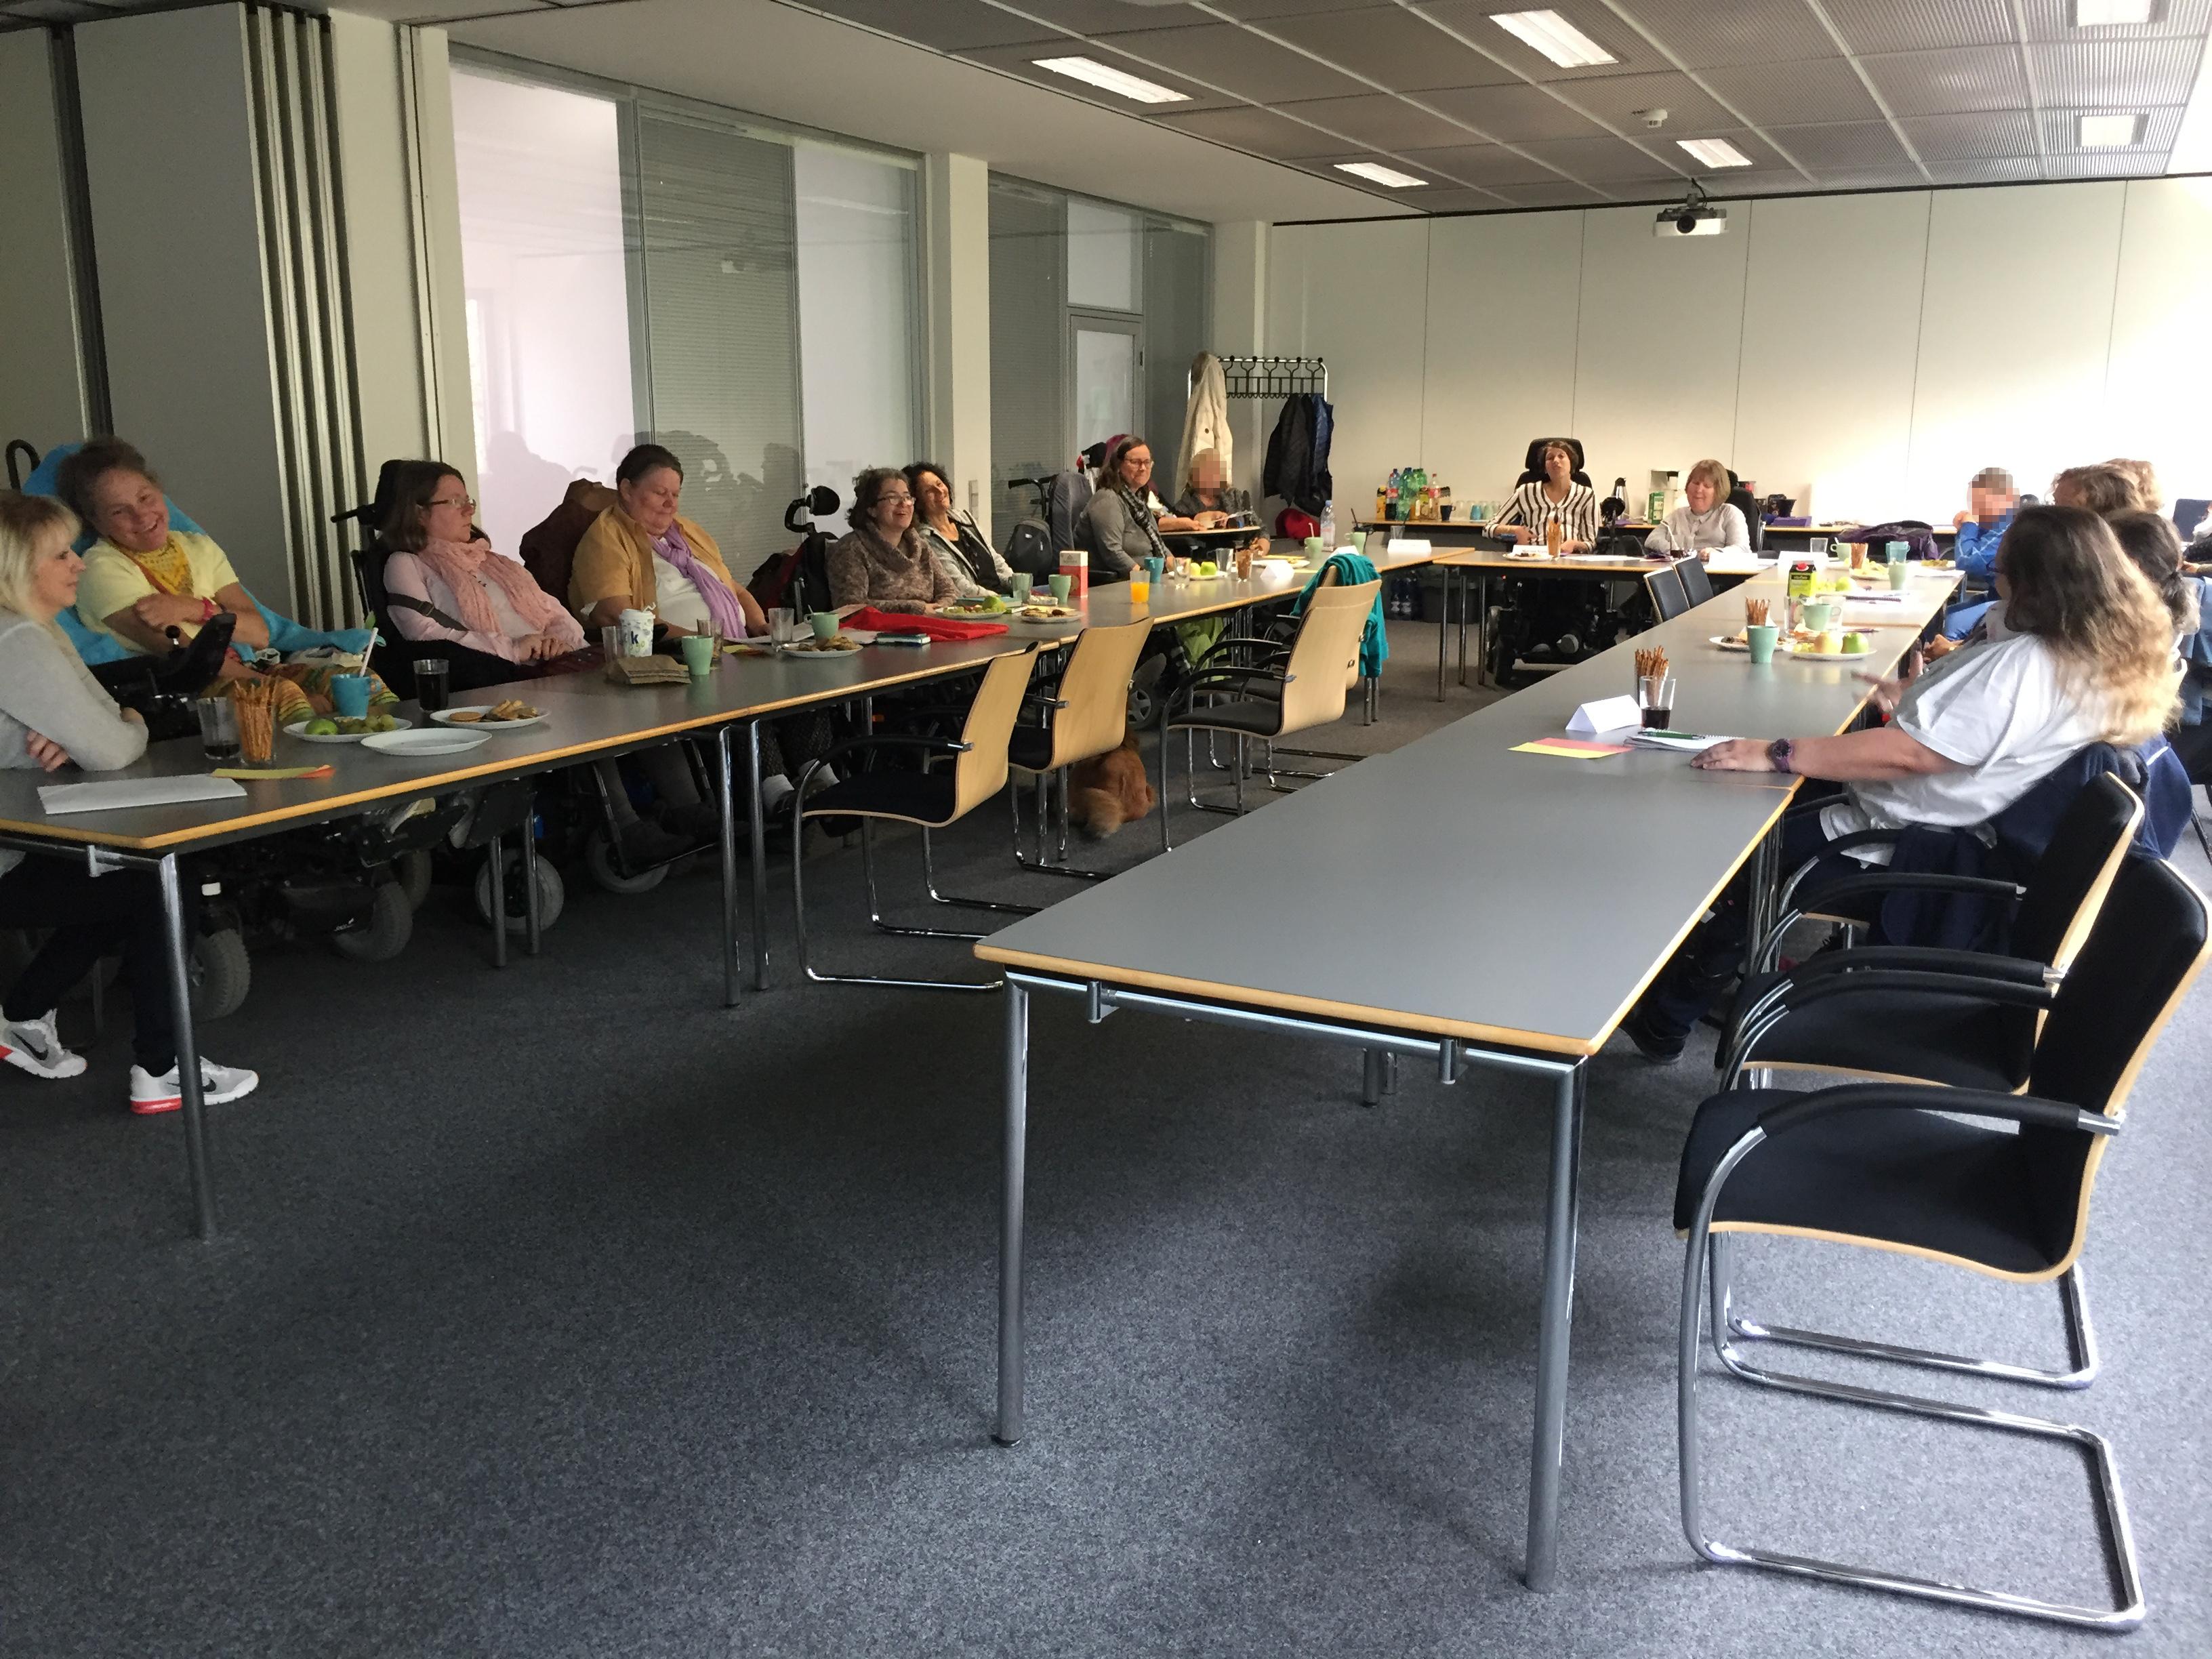 Etwa 15 Frauen der Netzwerkfrauen Bayern sitzen an langen Tischen zusammen beim Plenum